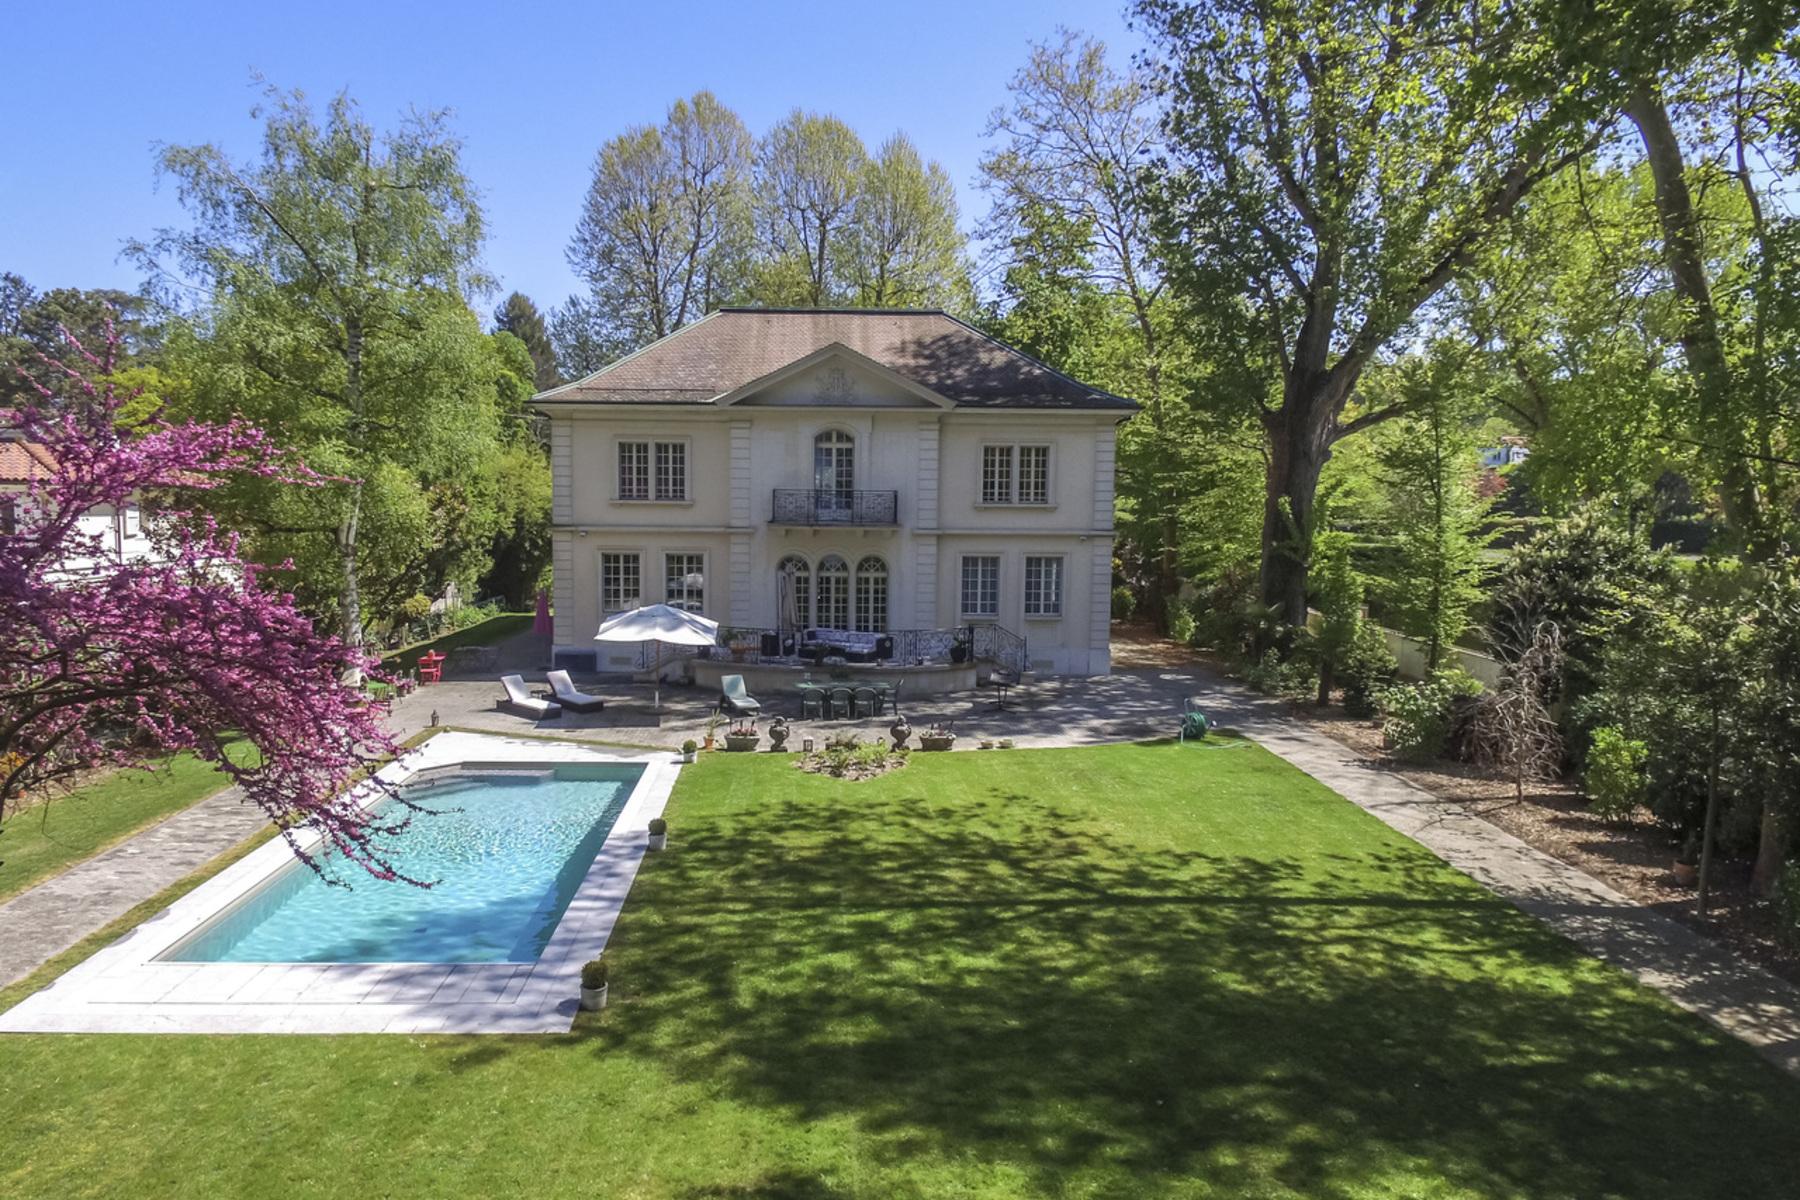 独户住宅 为 销售 在 Stunning waterfront mansion Vésenaz Vesenaz, 日内瓦 1222 瑞士